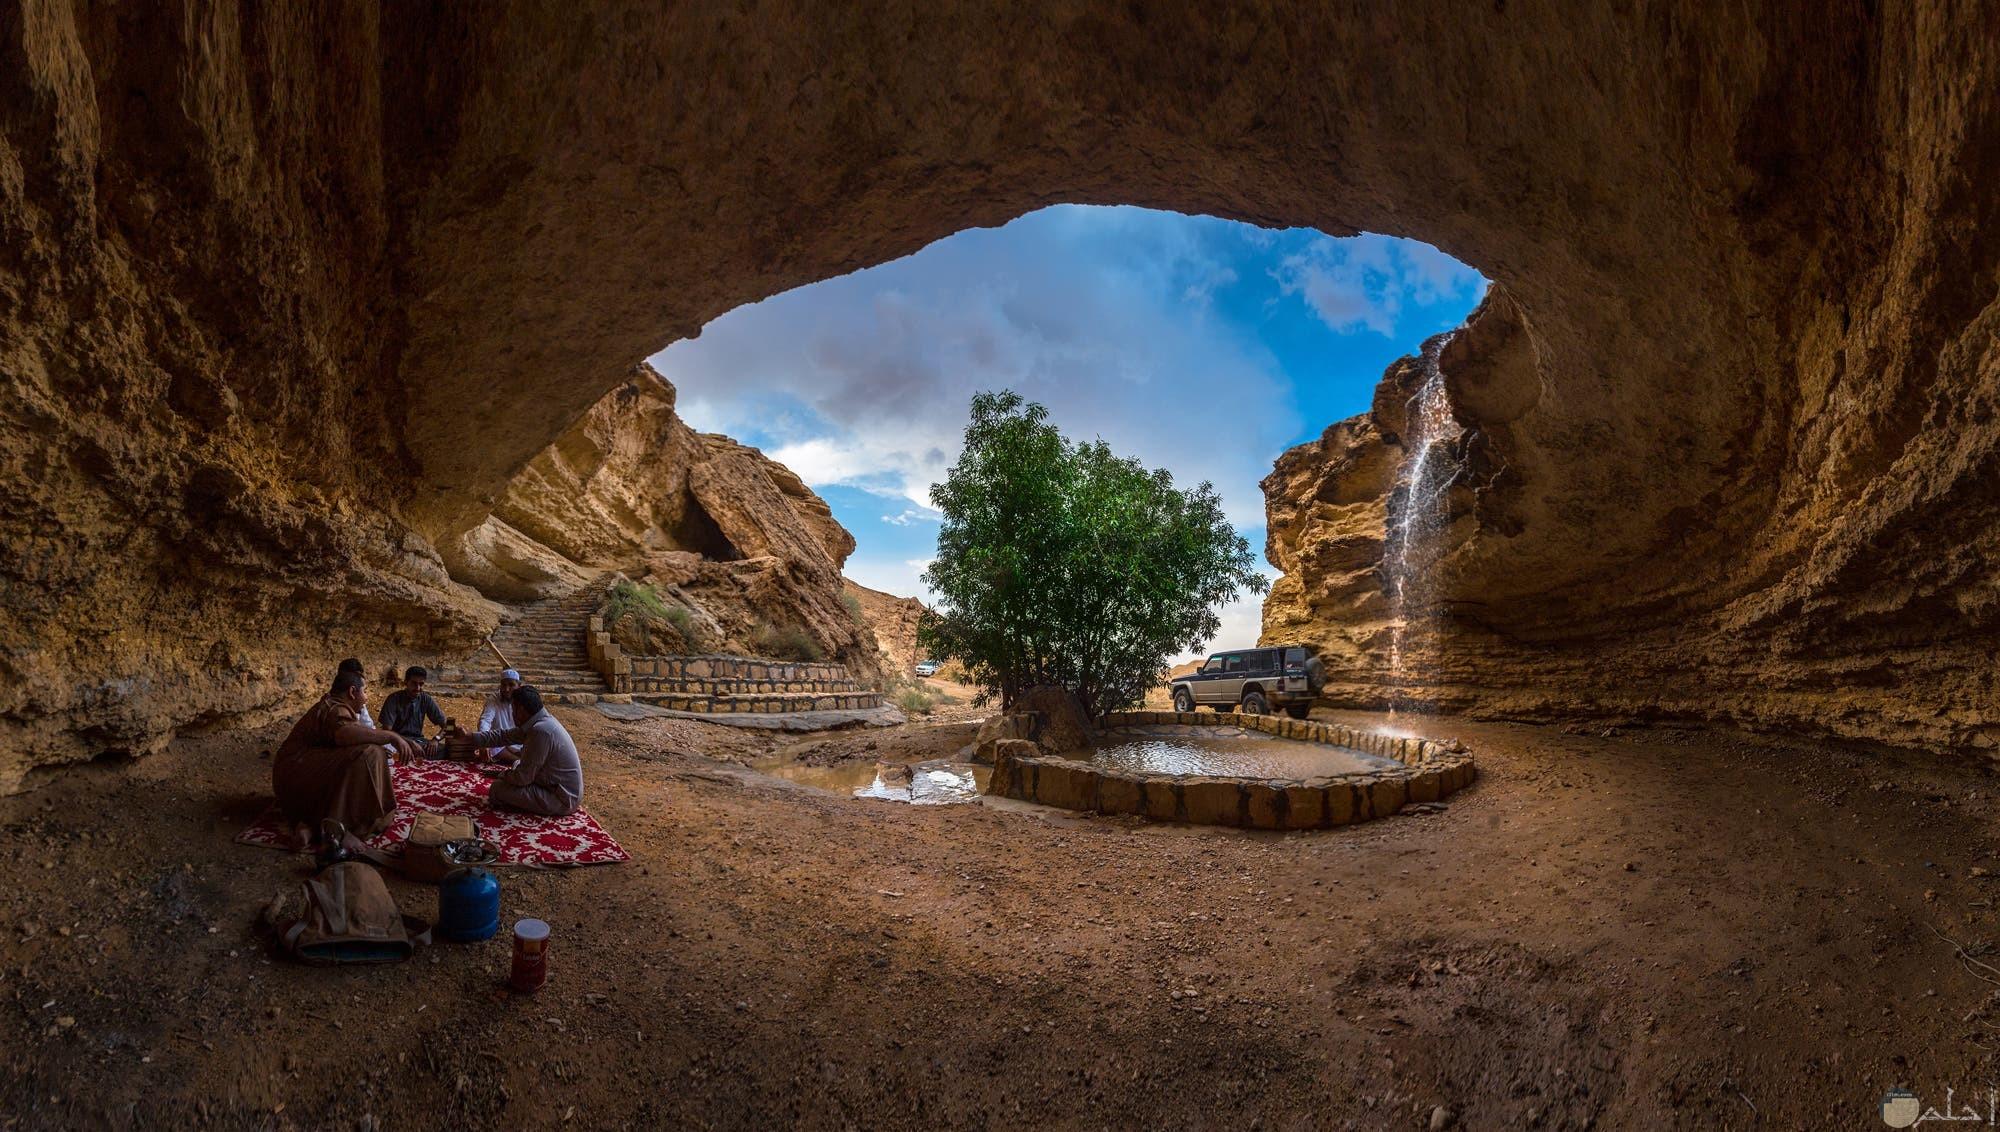 الحياة الجبلية الرائعة بالسعودية